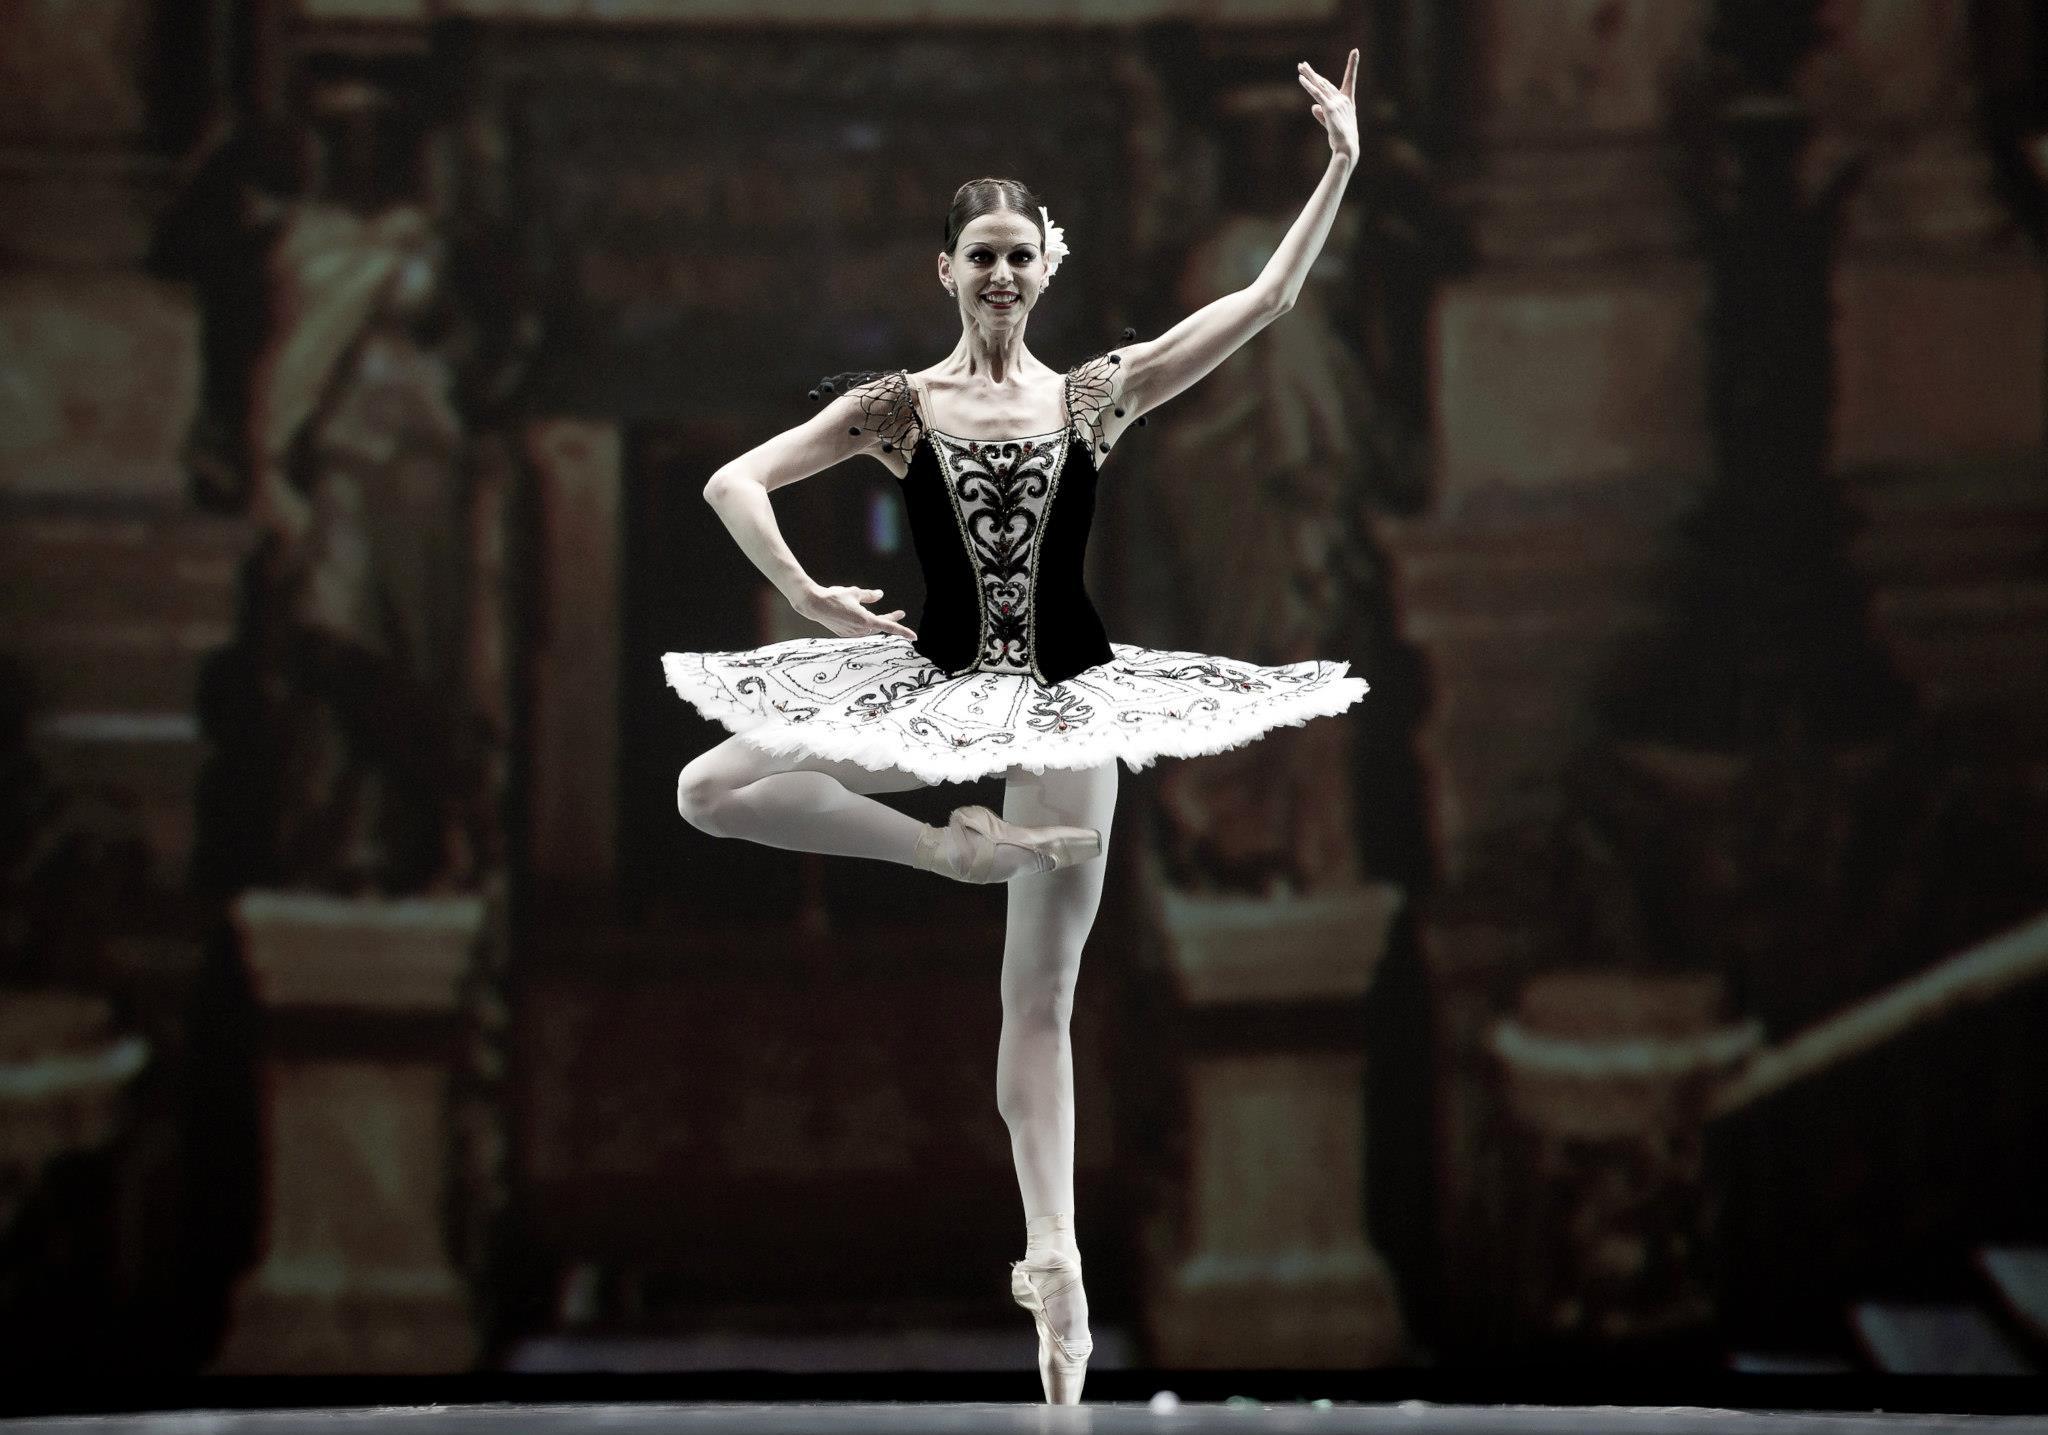 балета в приват фильмах записи